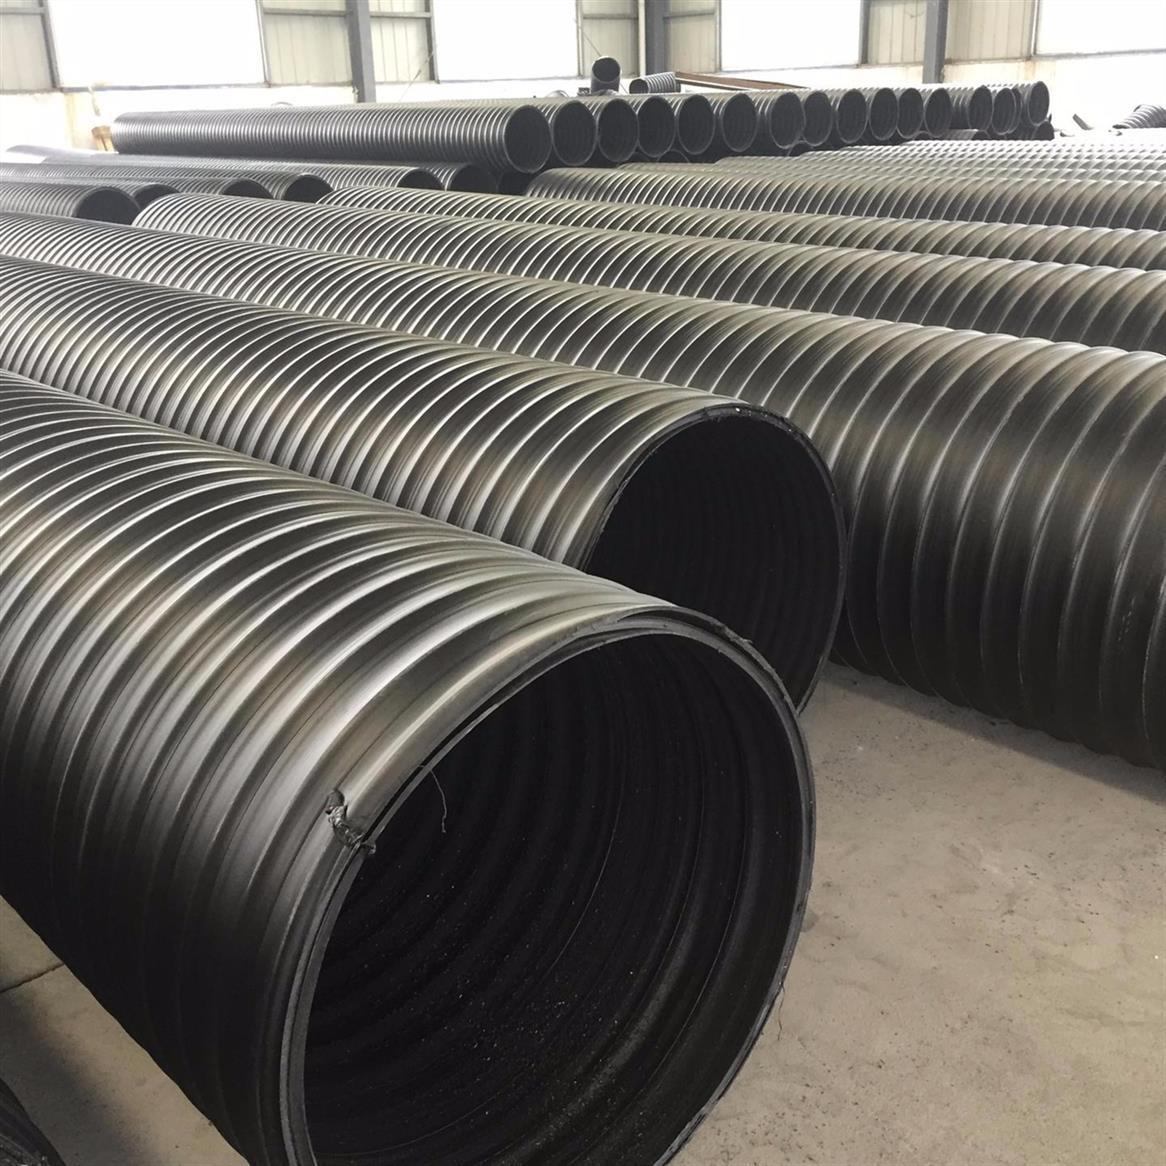 福建高密度聚乙烯HDPE钢带管生产厂家